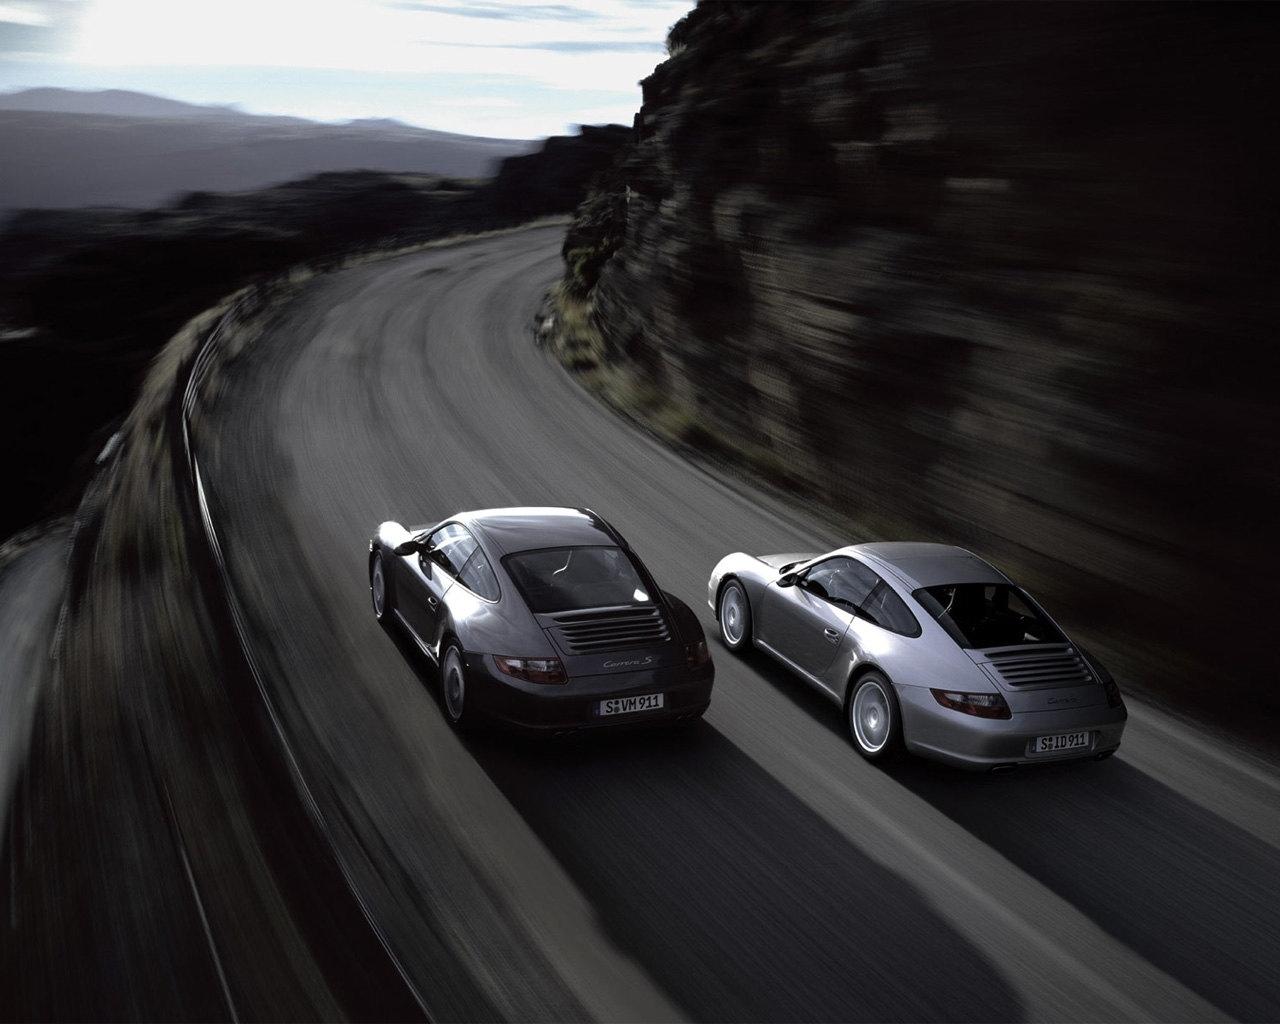 48 скачать обои Машины, Порш (Porsche), Дороги - заставки и картинки бесплатно